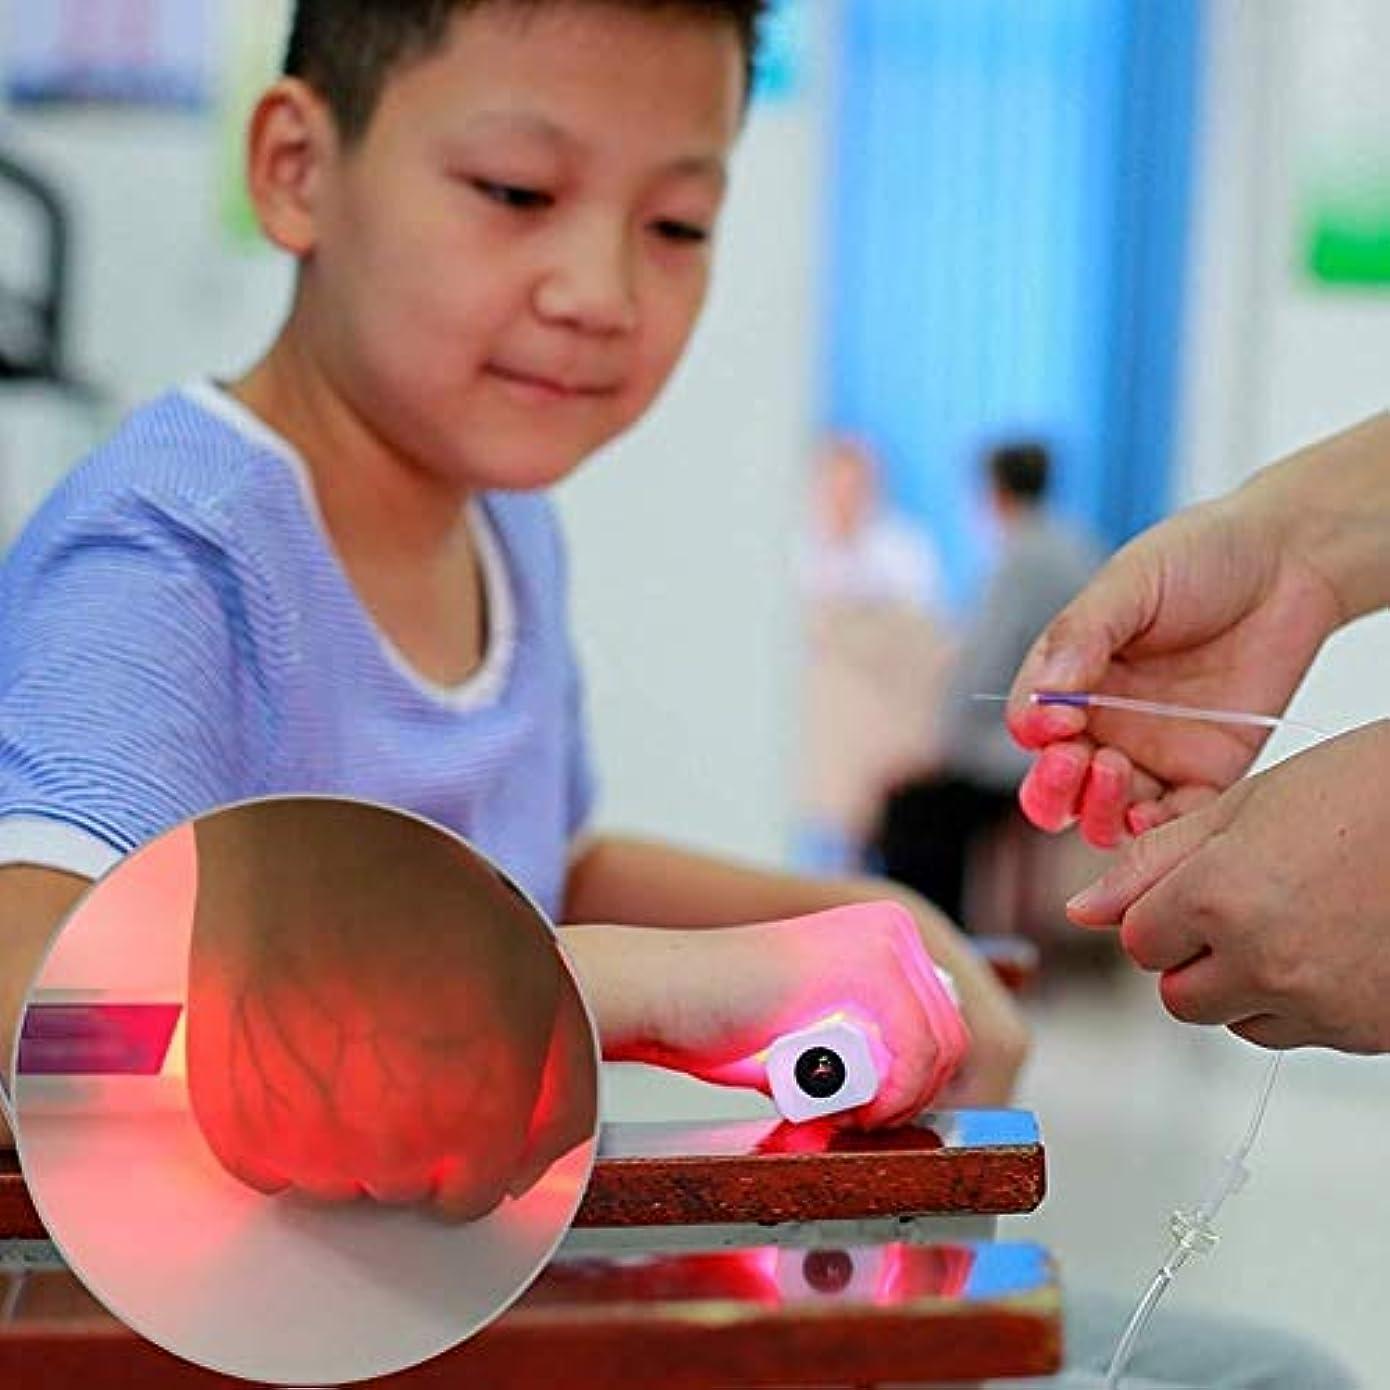 ネーピア失うディスク赤外線静脈ファインダービューアーポータブル医療赤外線静脈ロケーター照明可視化ライト検出器看護師医師Ph血